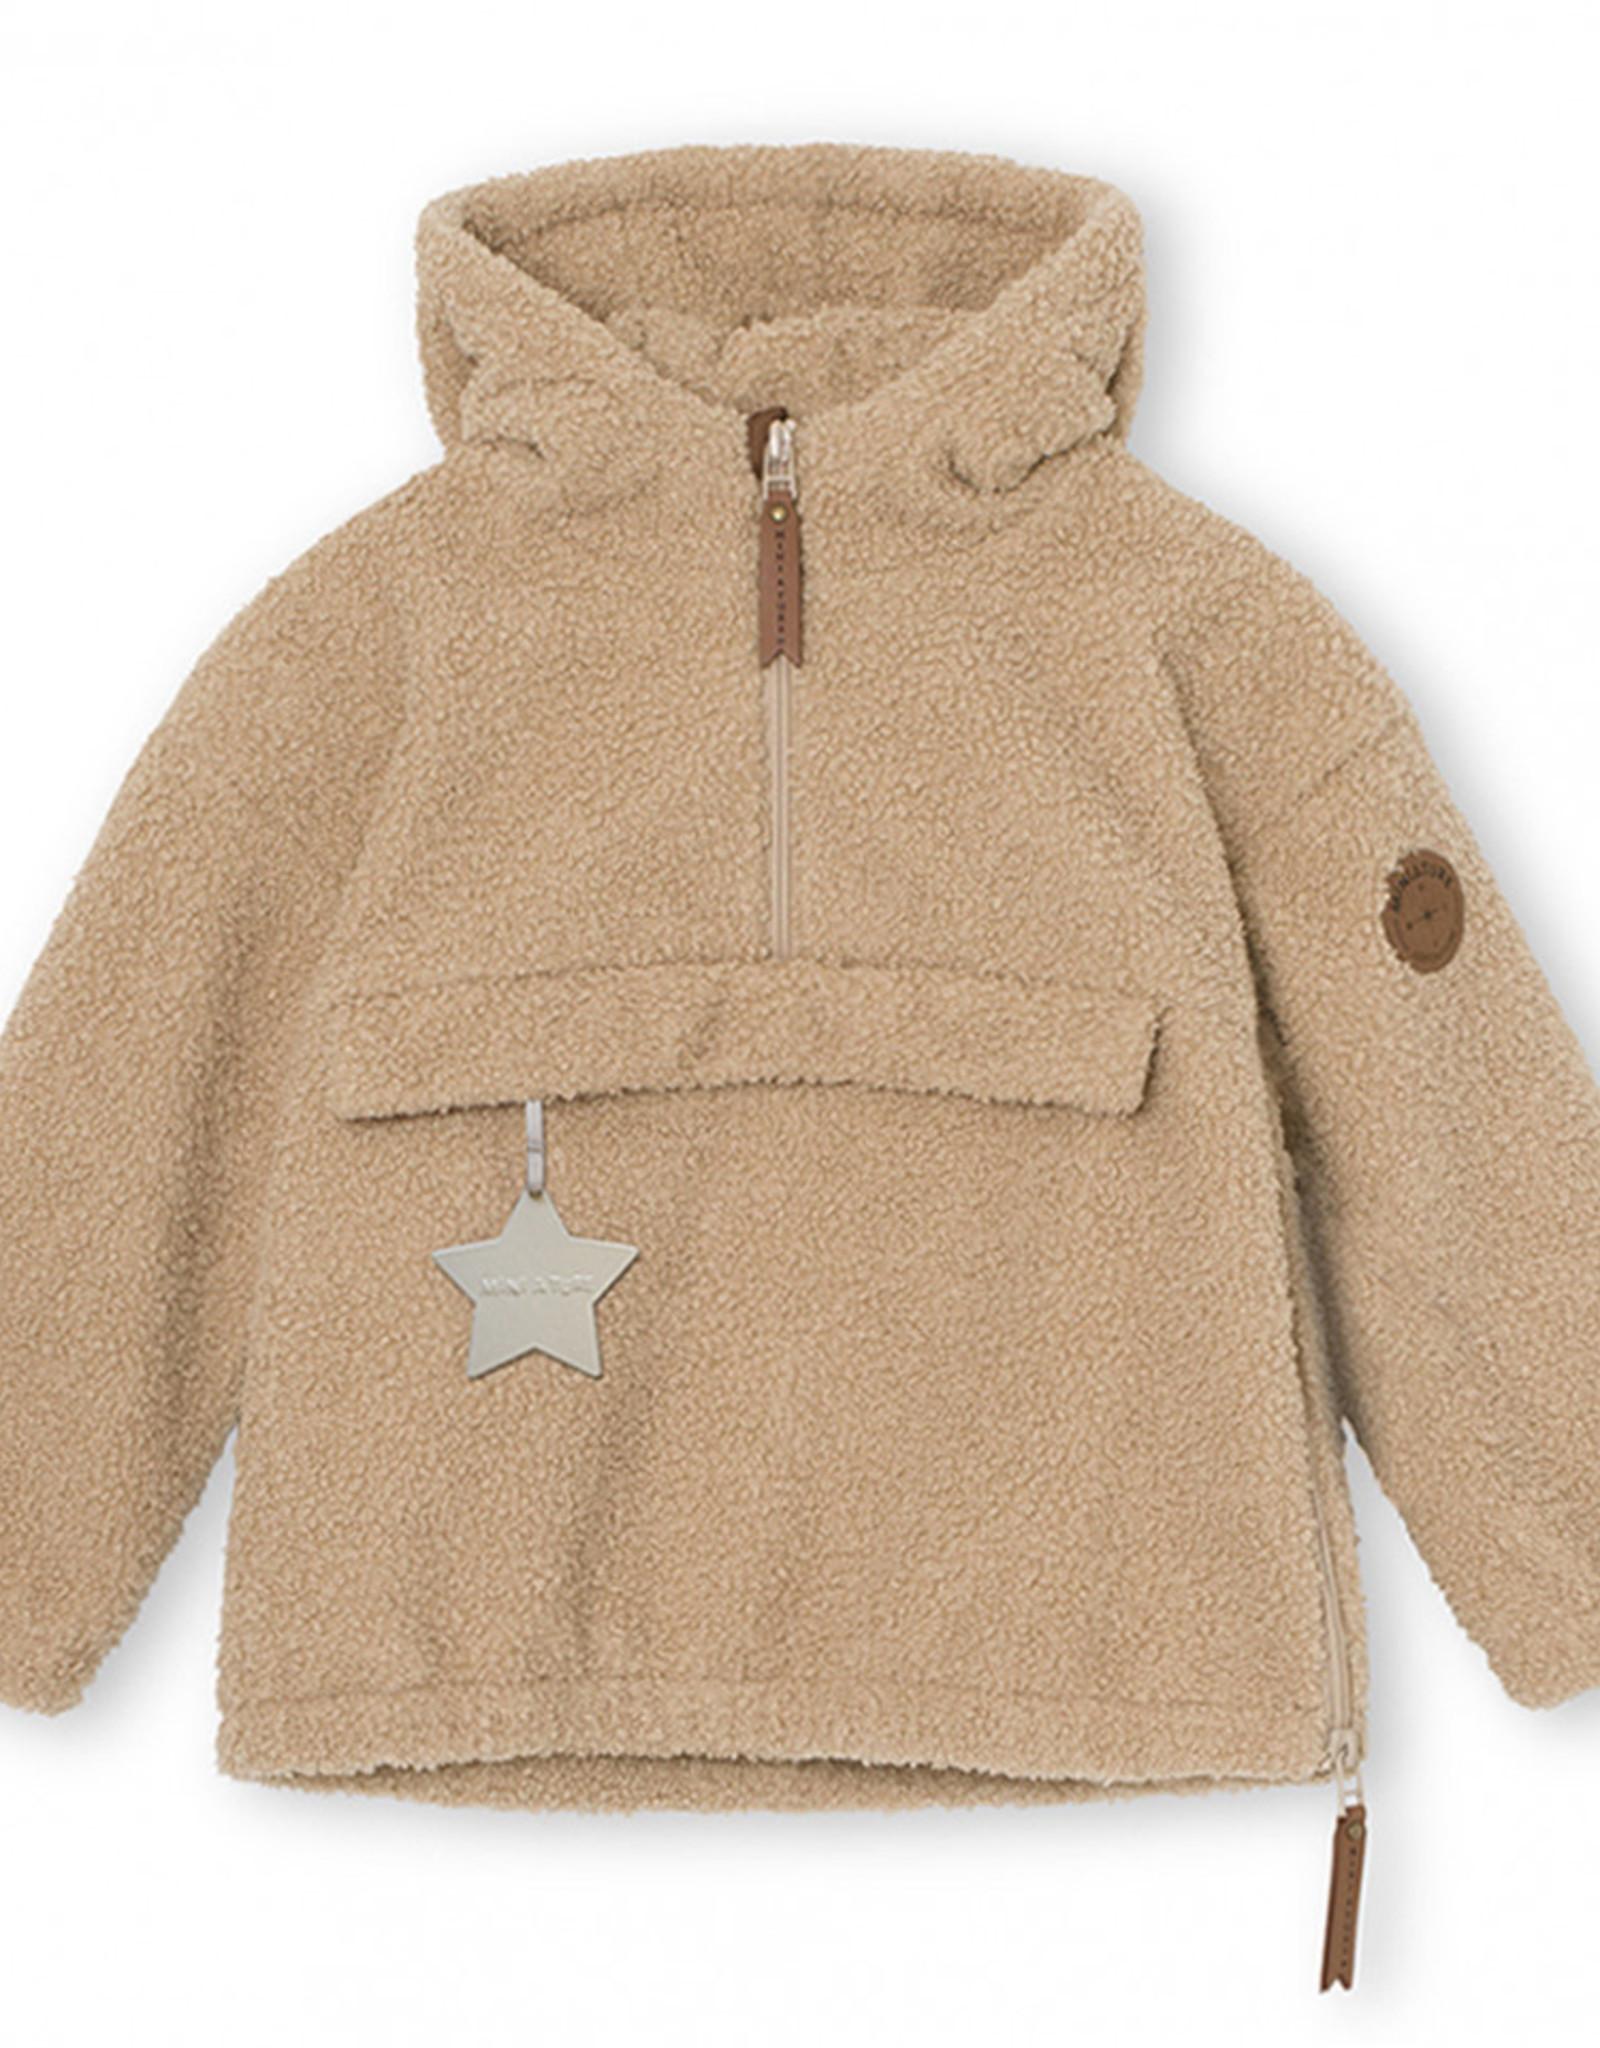 Jacket Arman